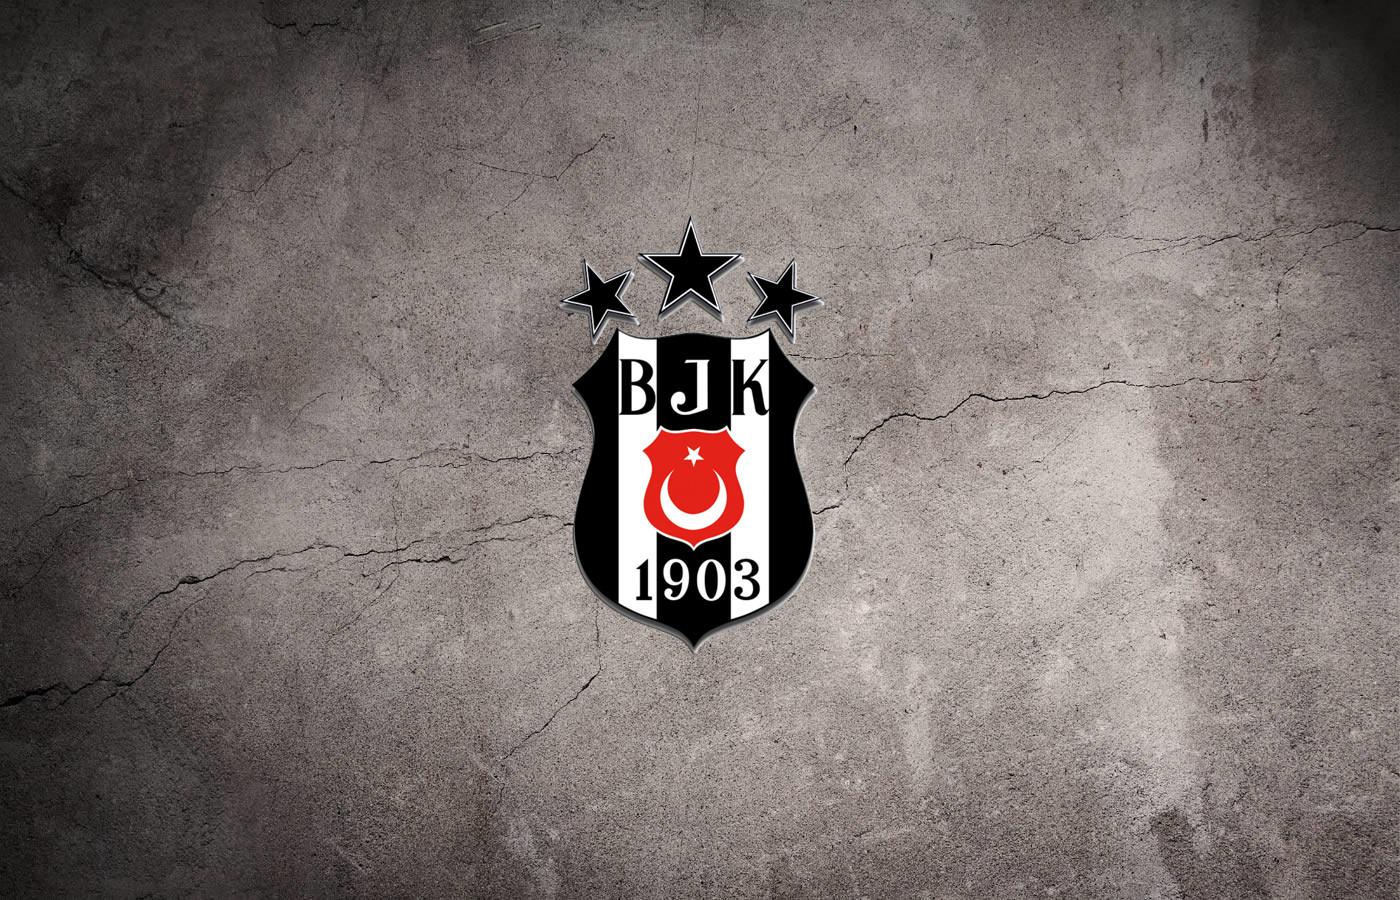 Dünya Beşiktaşlılar günü sözleri, mesajları 2021, Süleyman Seba Beşiktaş sözleri